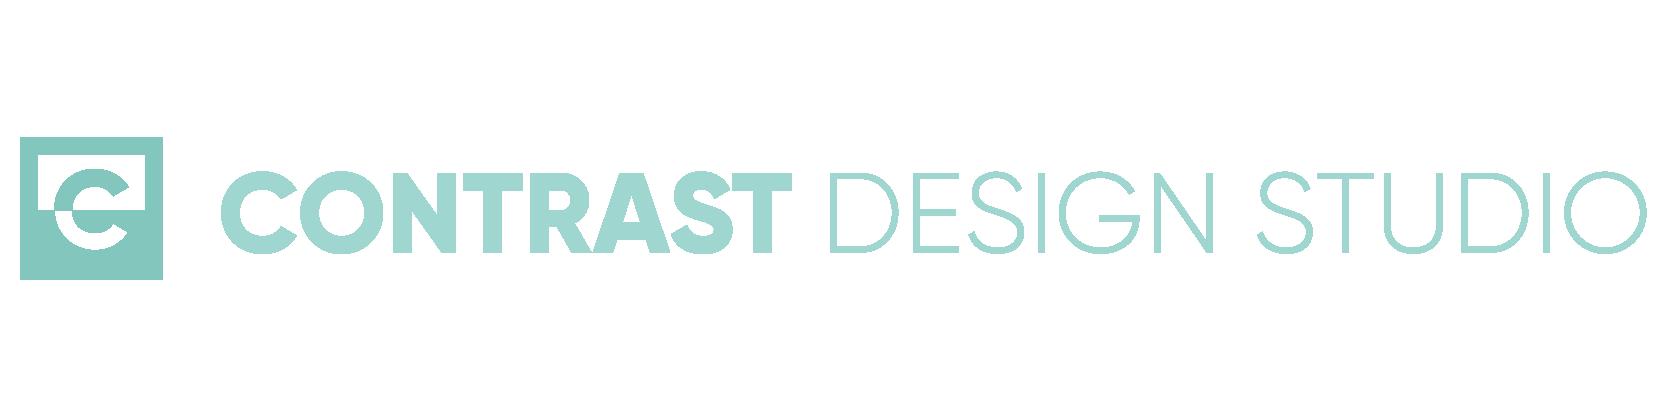 Contrast Design Studio Sticky Logo Retina